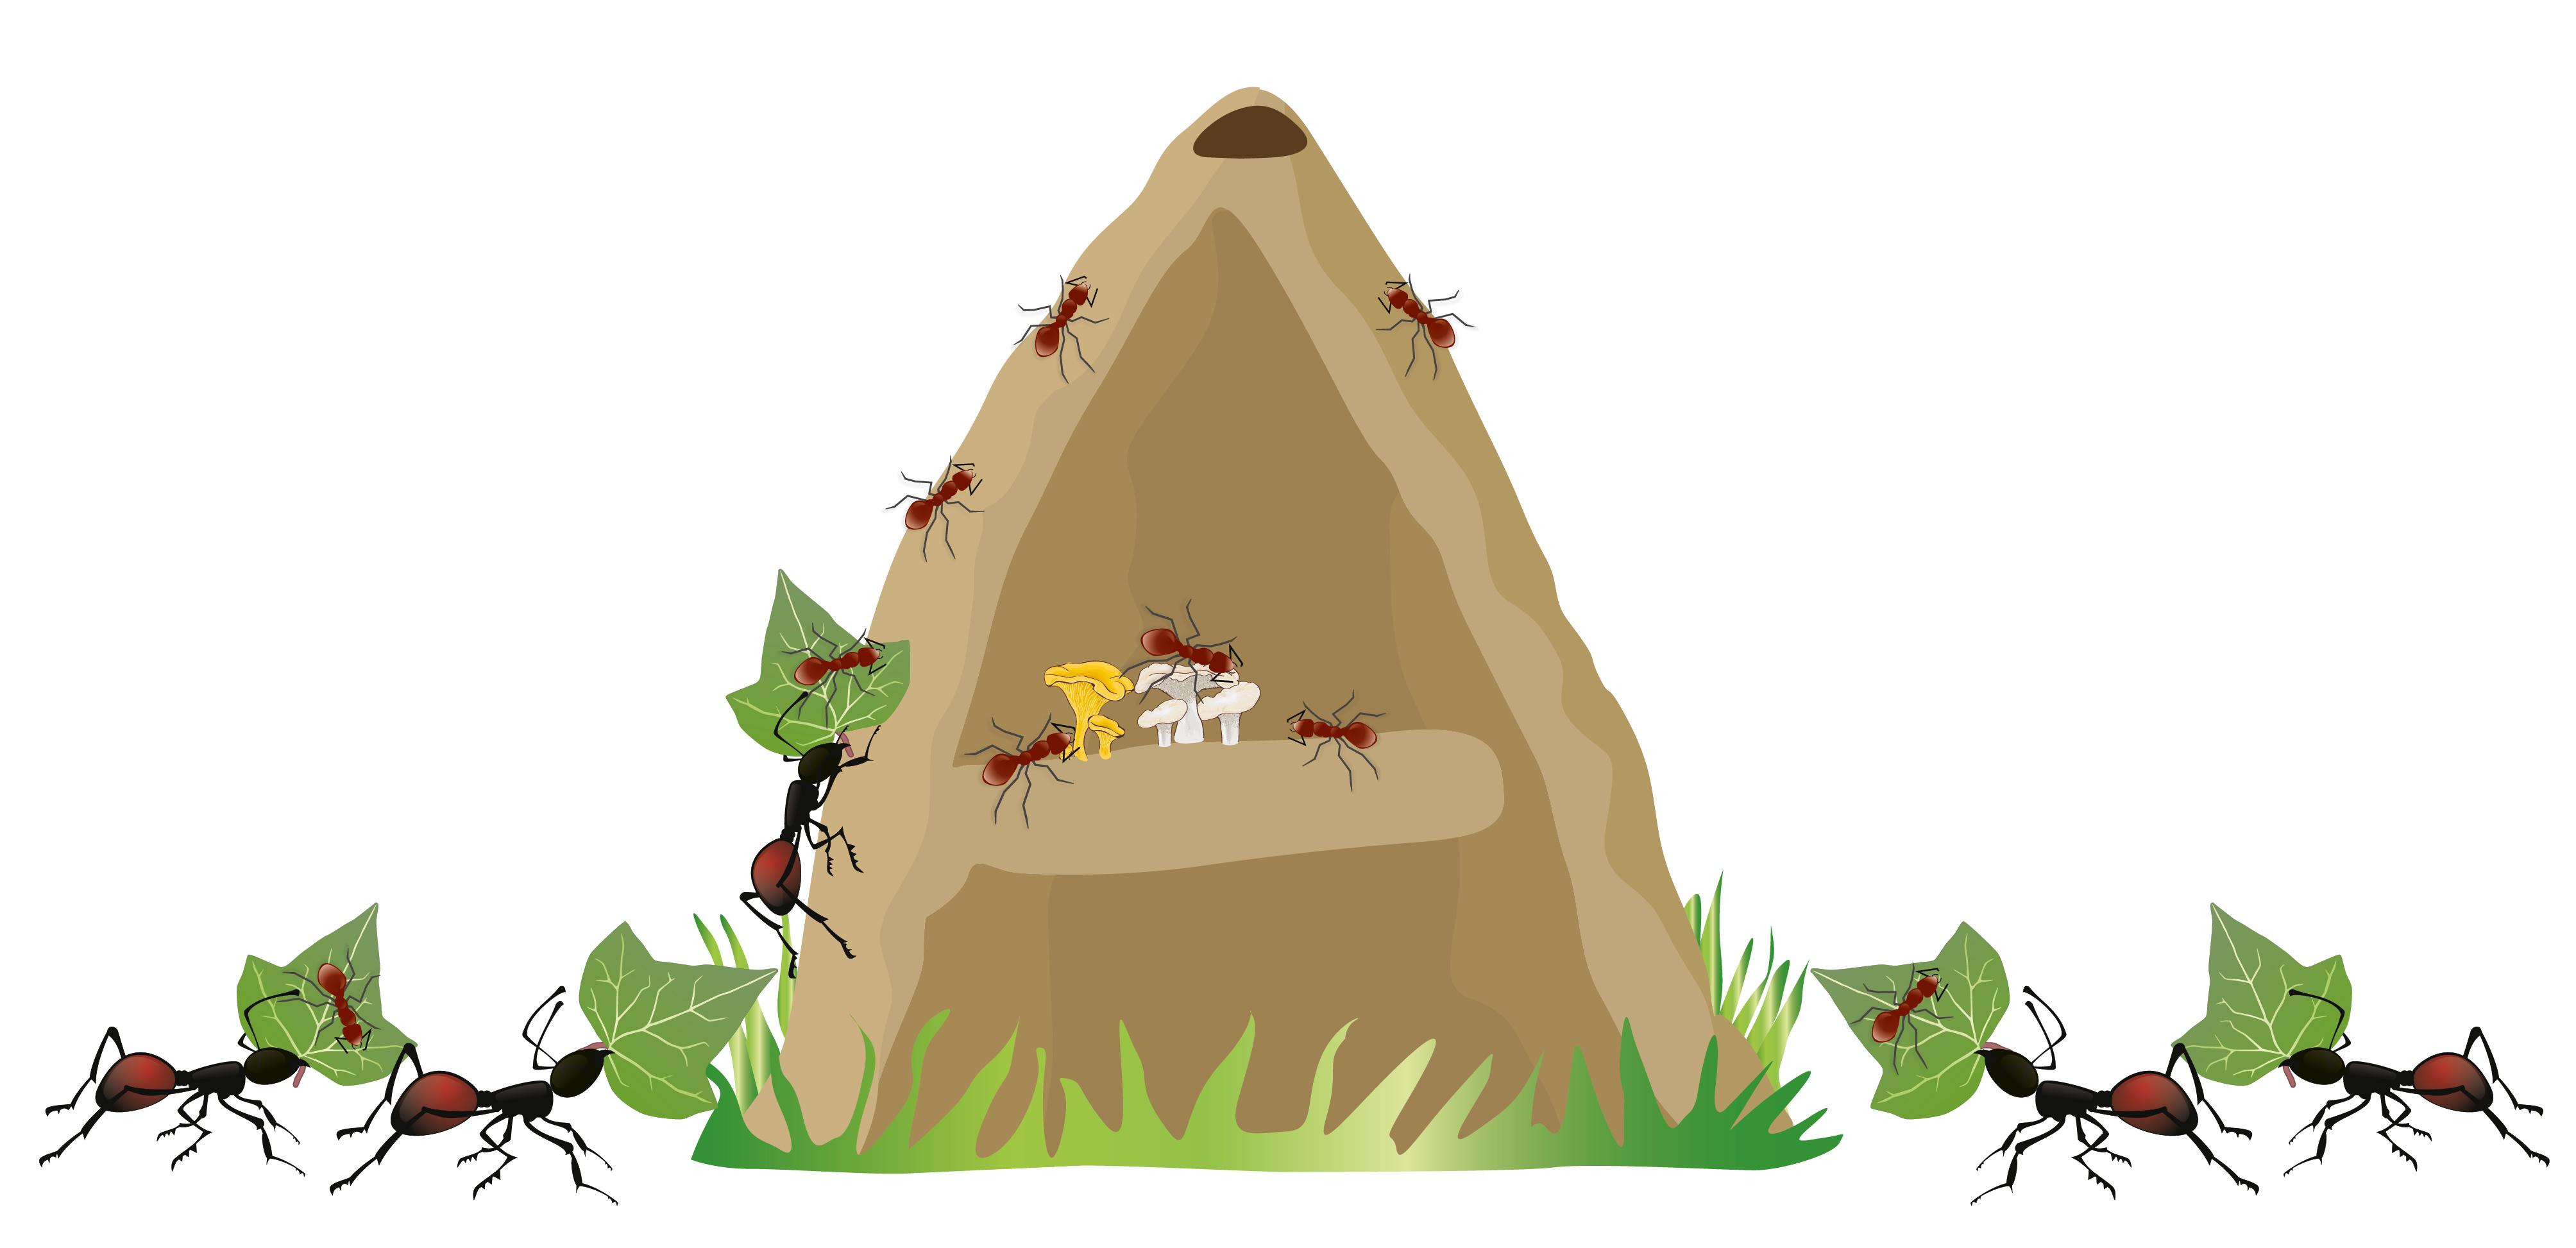 Myrer er super sociale væsner, hvor arbejderne helt har opgivet sin egen reproduktion for at arbejde for fællesskabet. Hvordan hænger det sammen i et evolutionært perspektiv, hvor naturlig selektion favoriserer selvisk adfærd?